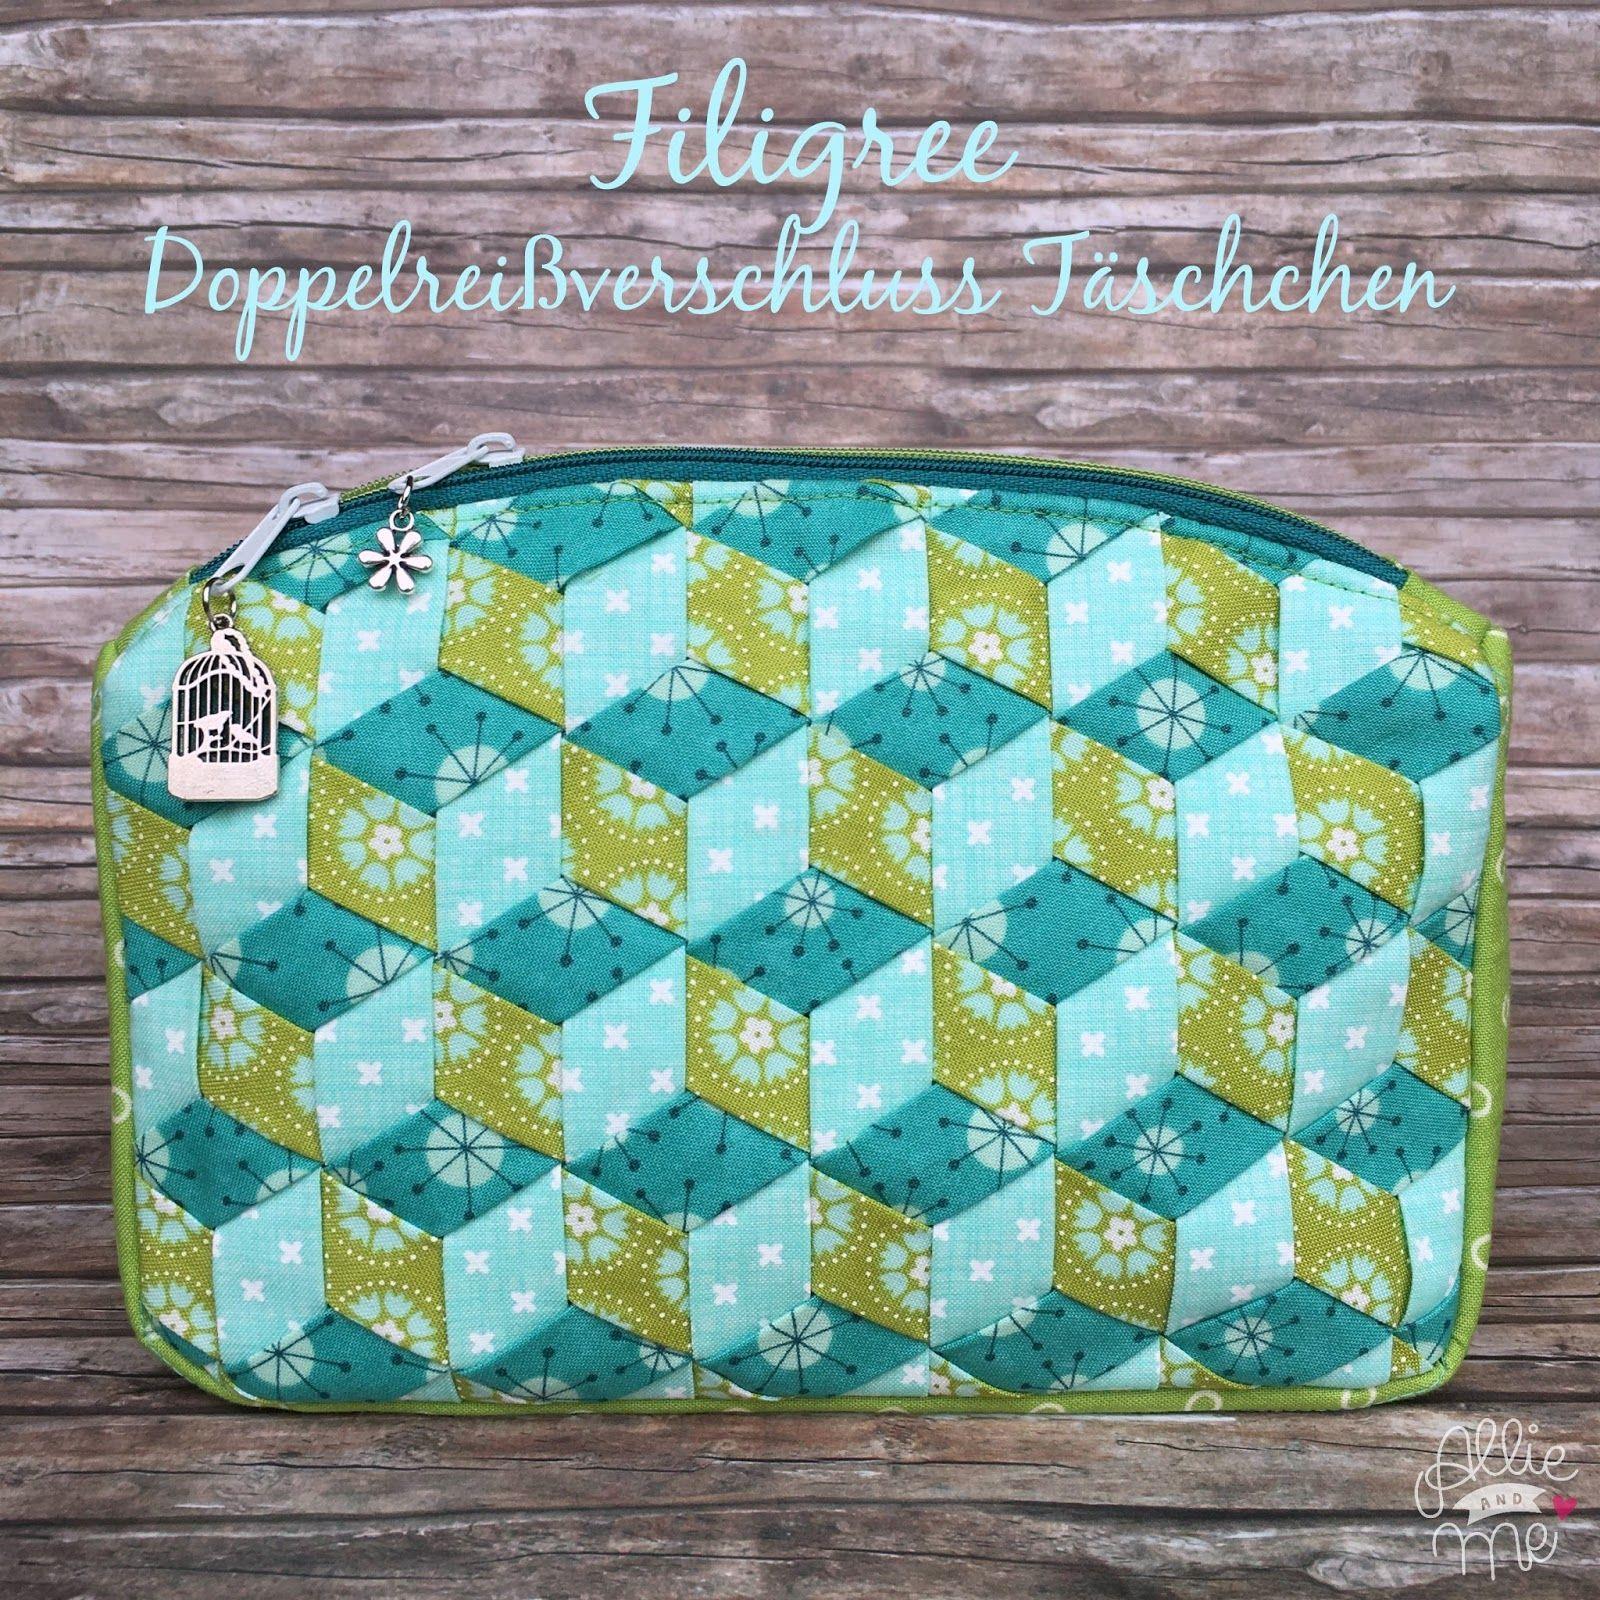 Fabric Weaving Täschchen - aus gewebten Schrägbändern | Fabric ...